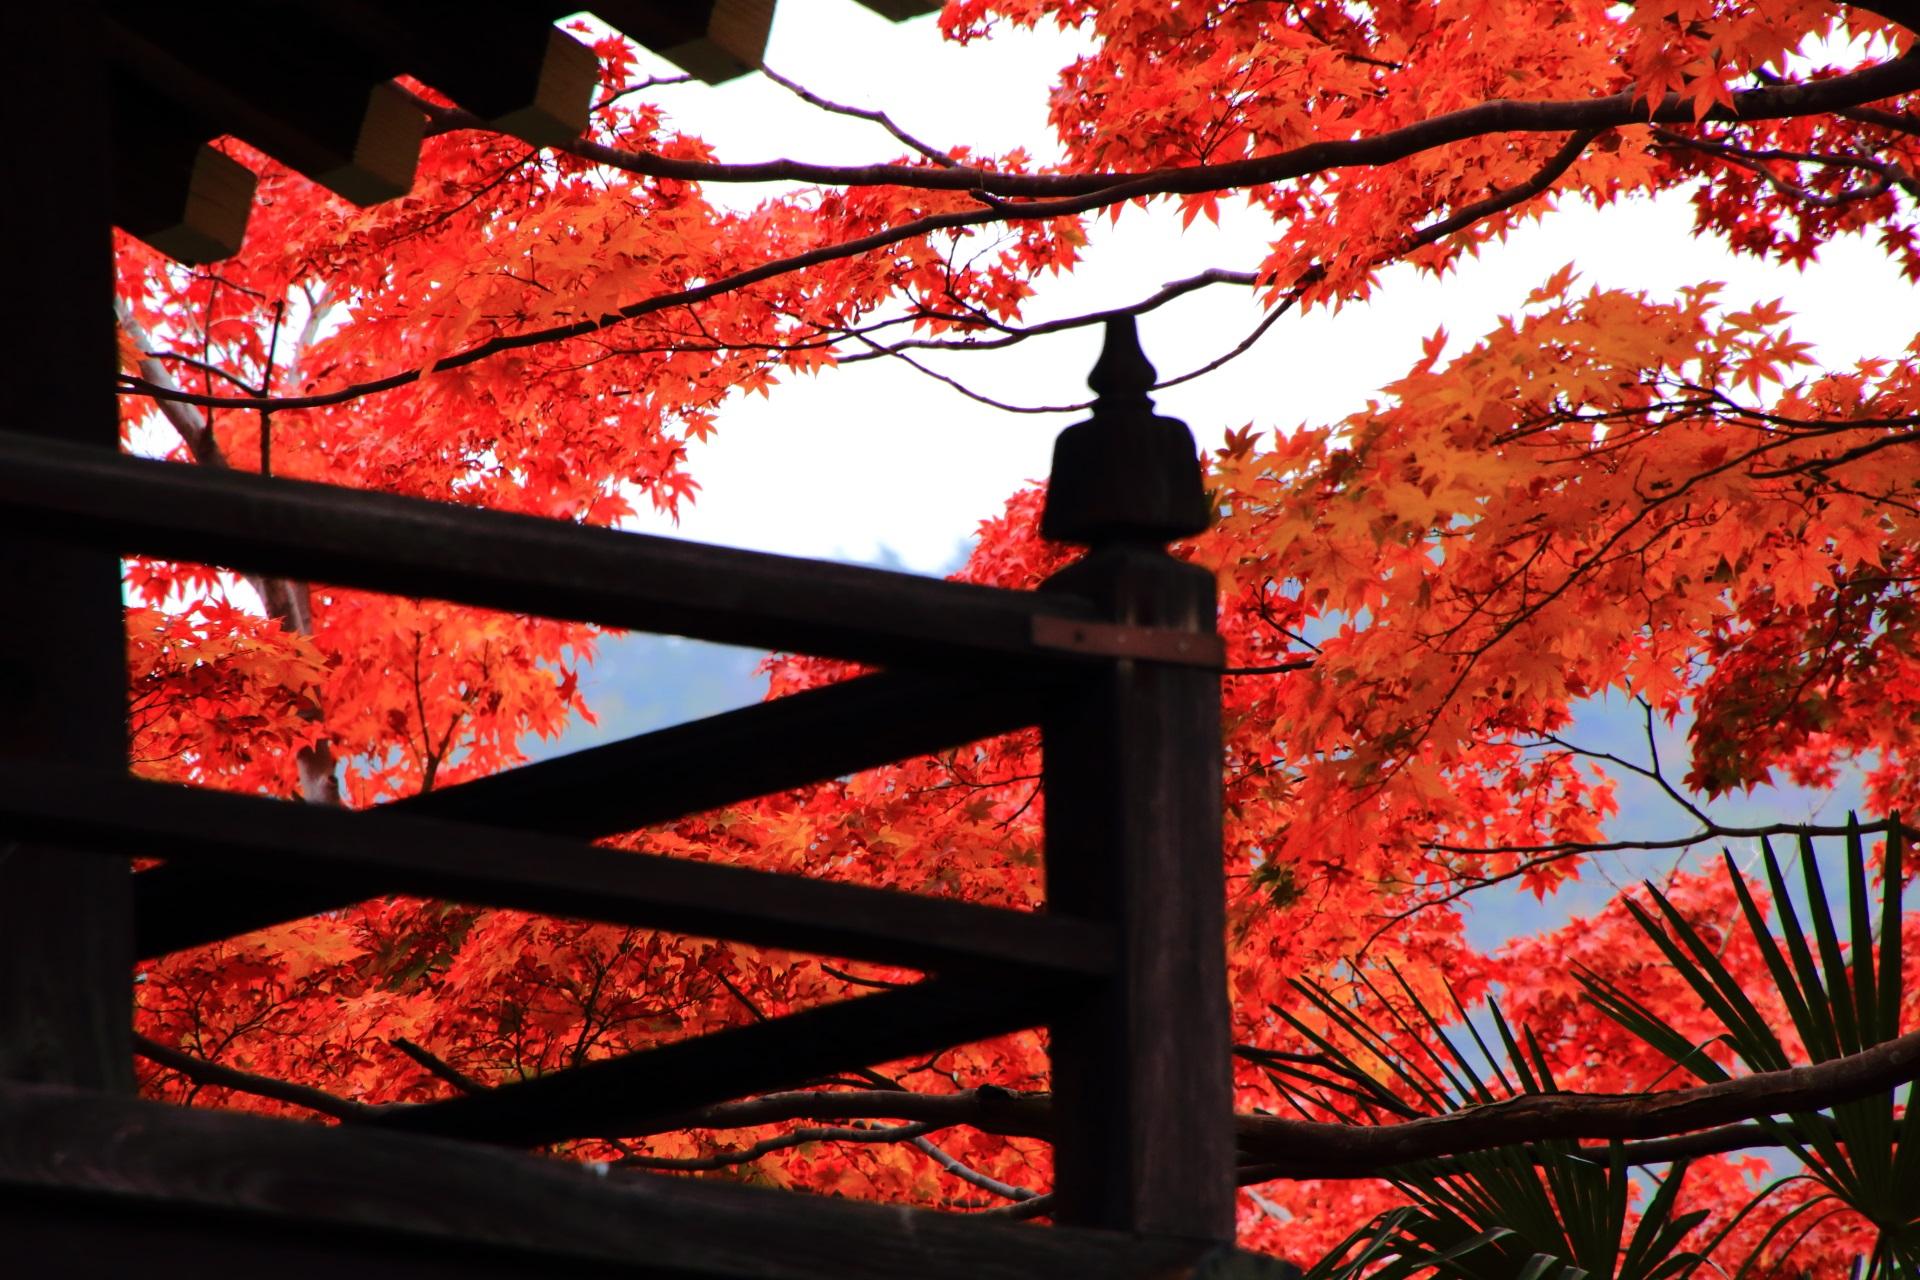 源光庵の山門の欄干から見える絵になる紅葉